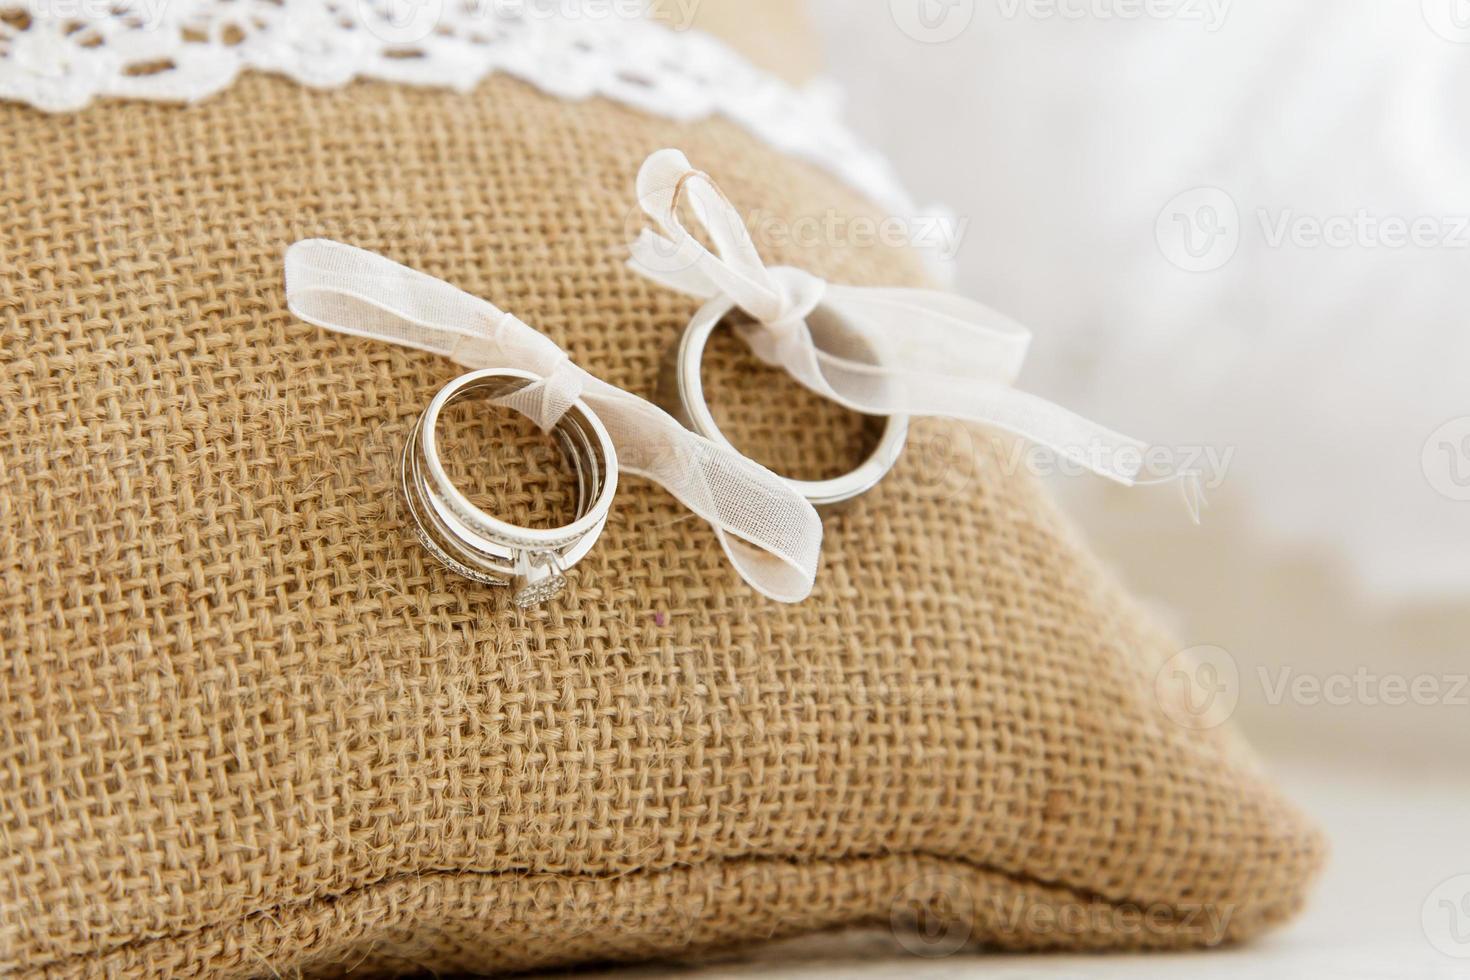 Alianças de casamento em almofada de Hélio com fita branca foto